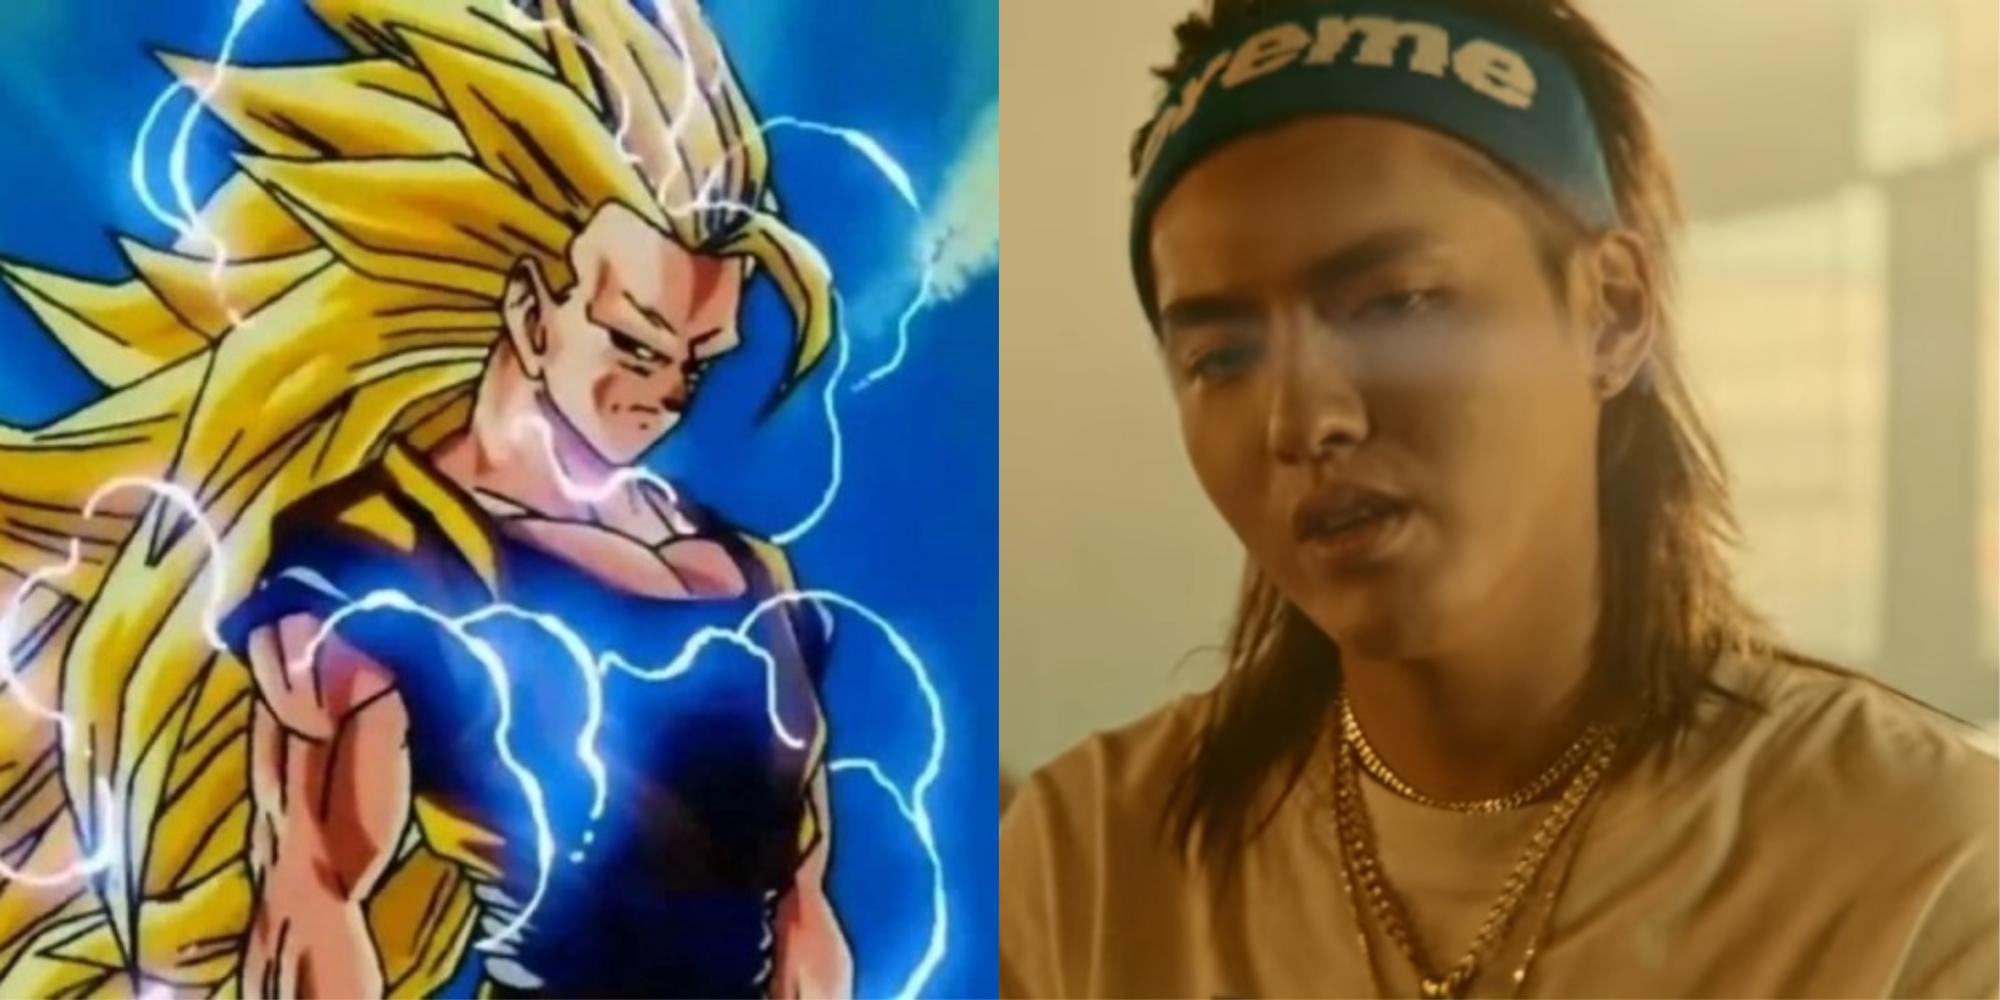 超级赛亚人第 3 型态的 Supreme 吴亦凡,适合演《七龙珠》真人版吗?